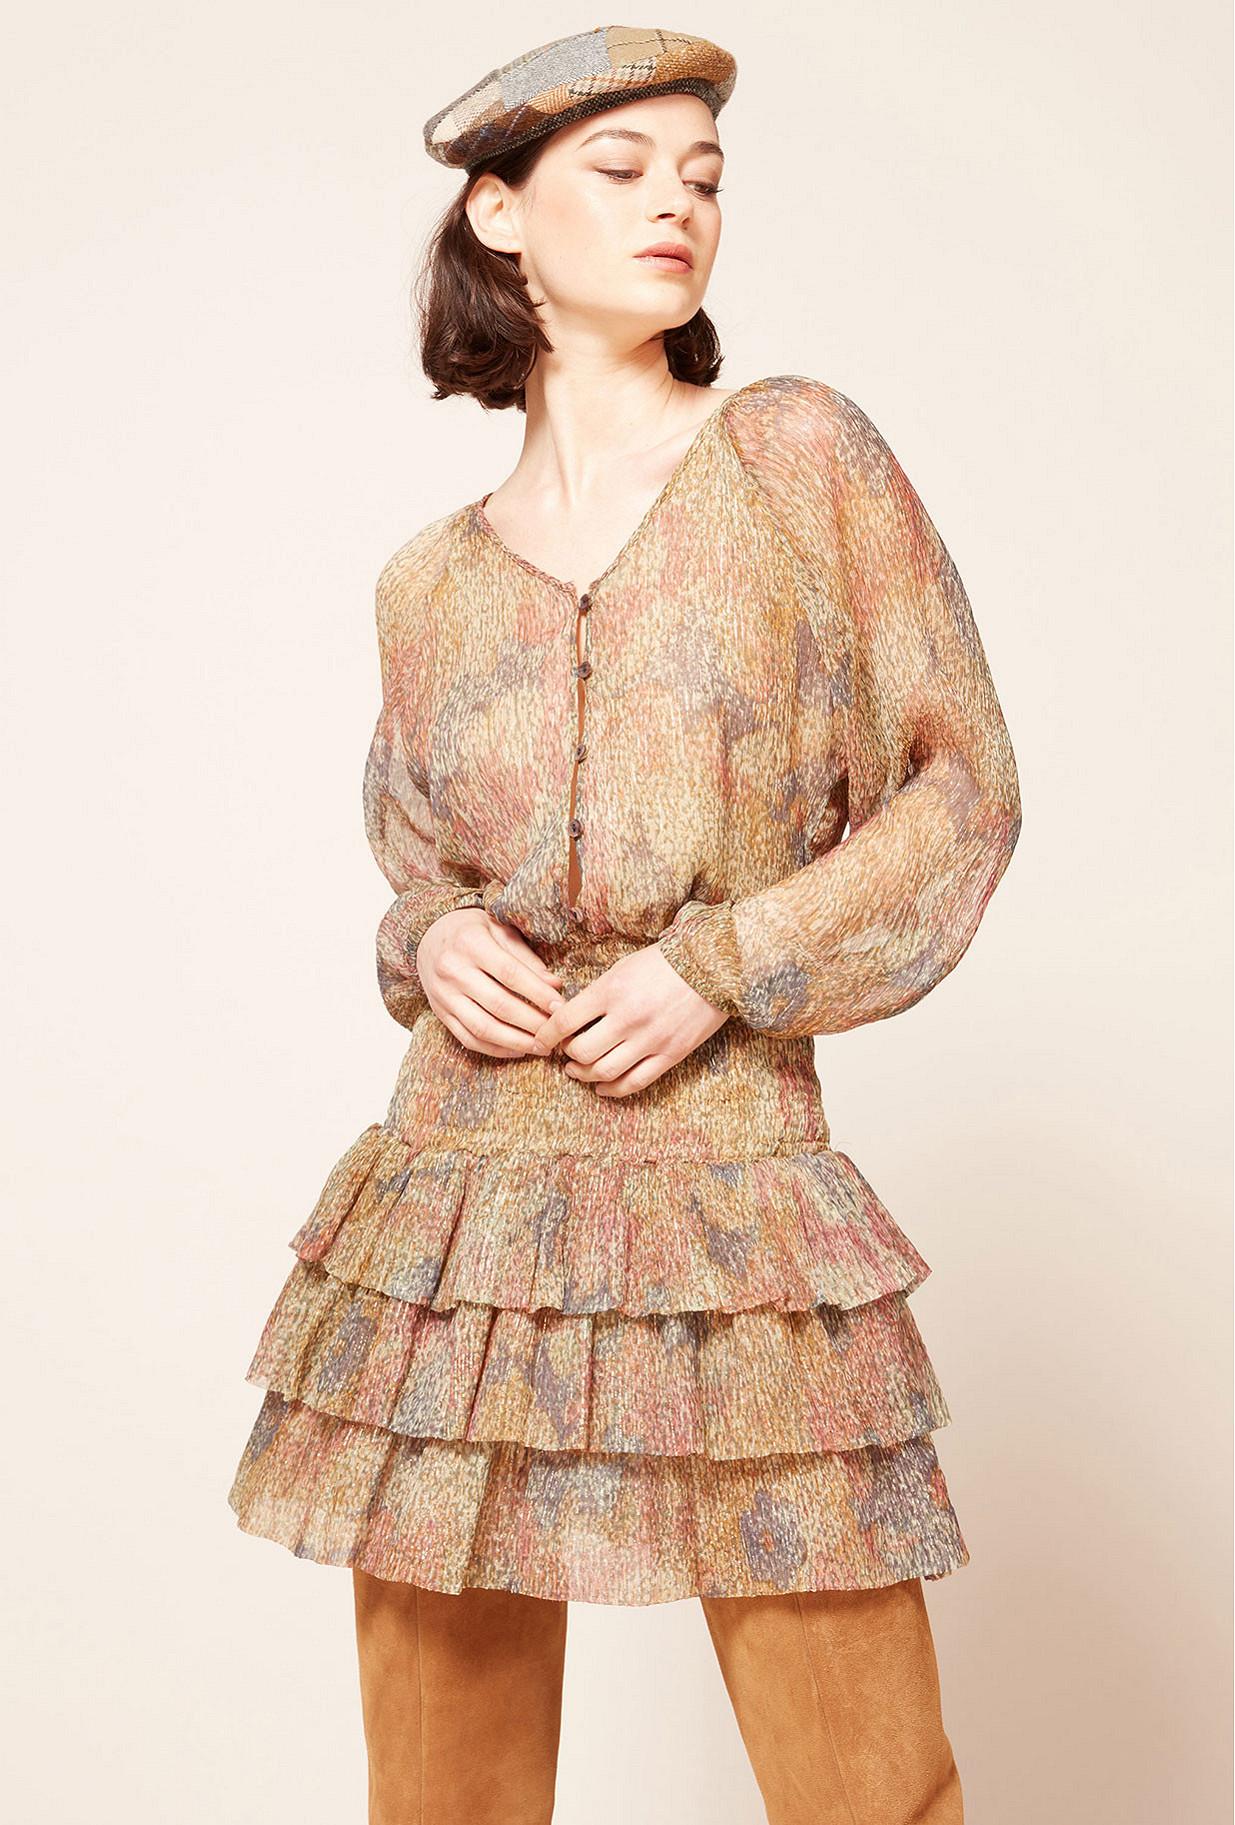 Paris clothes store Dress  Aleli french designer fashion Paris